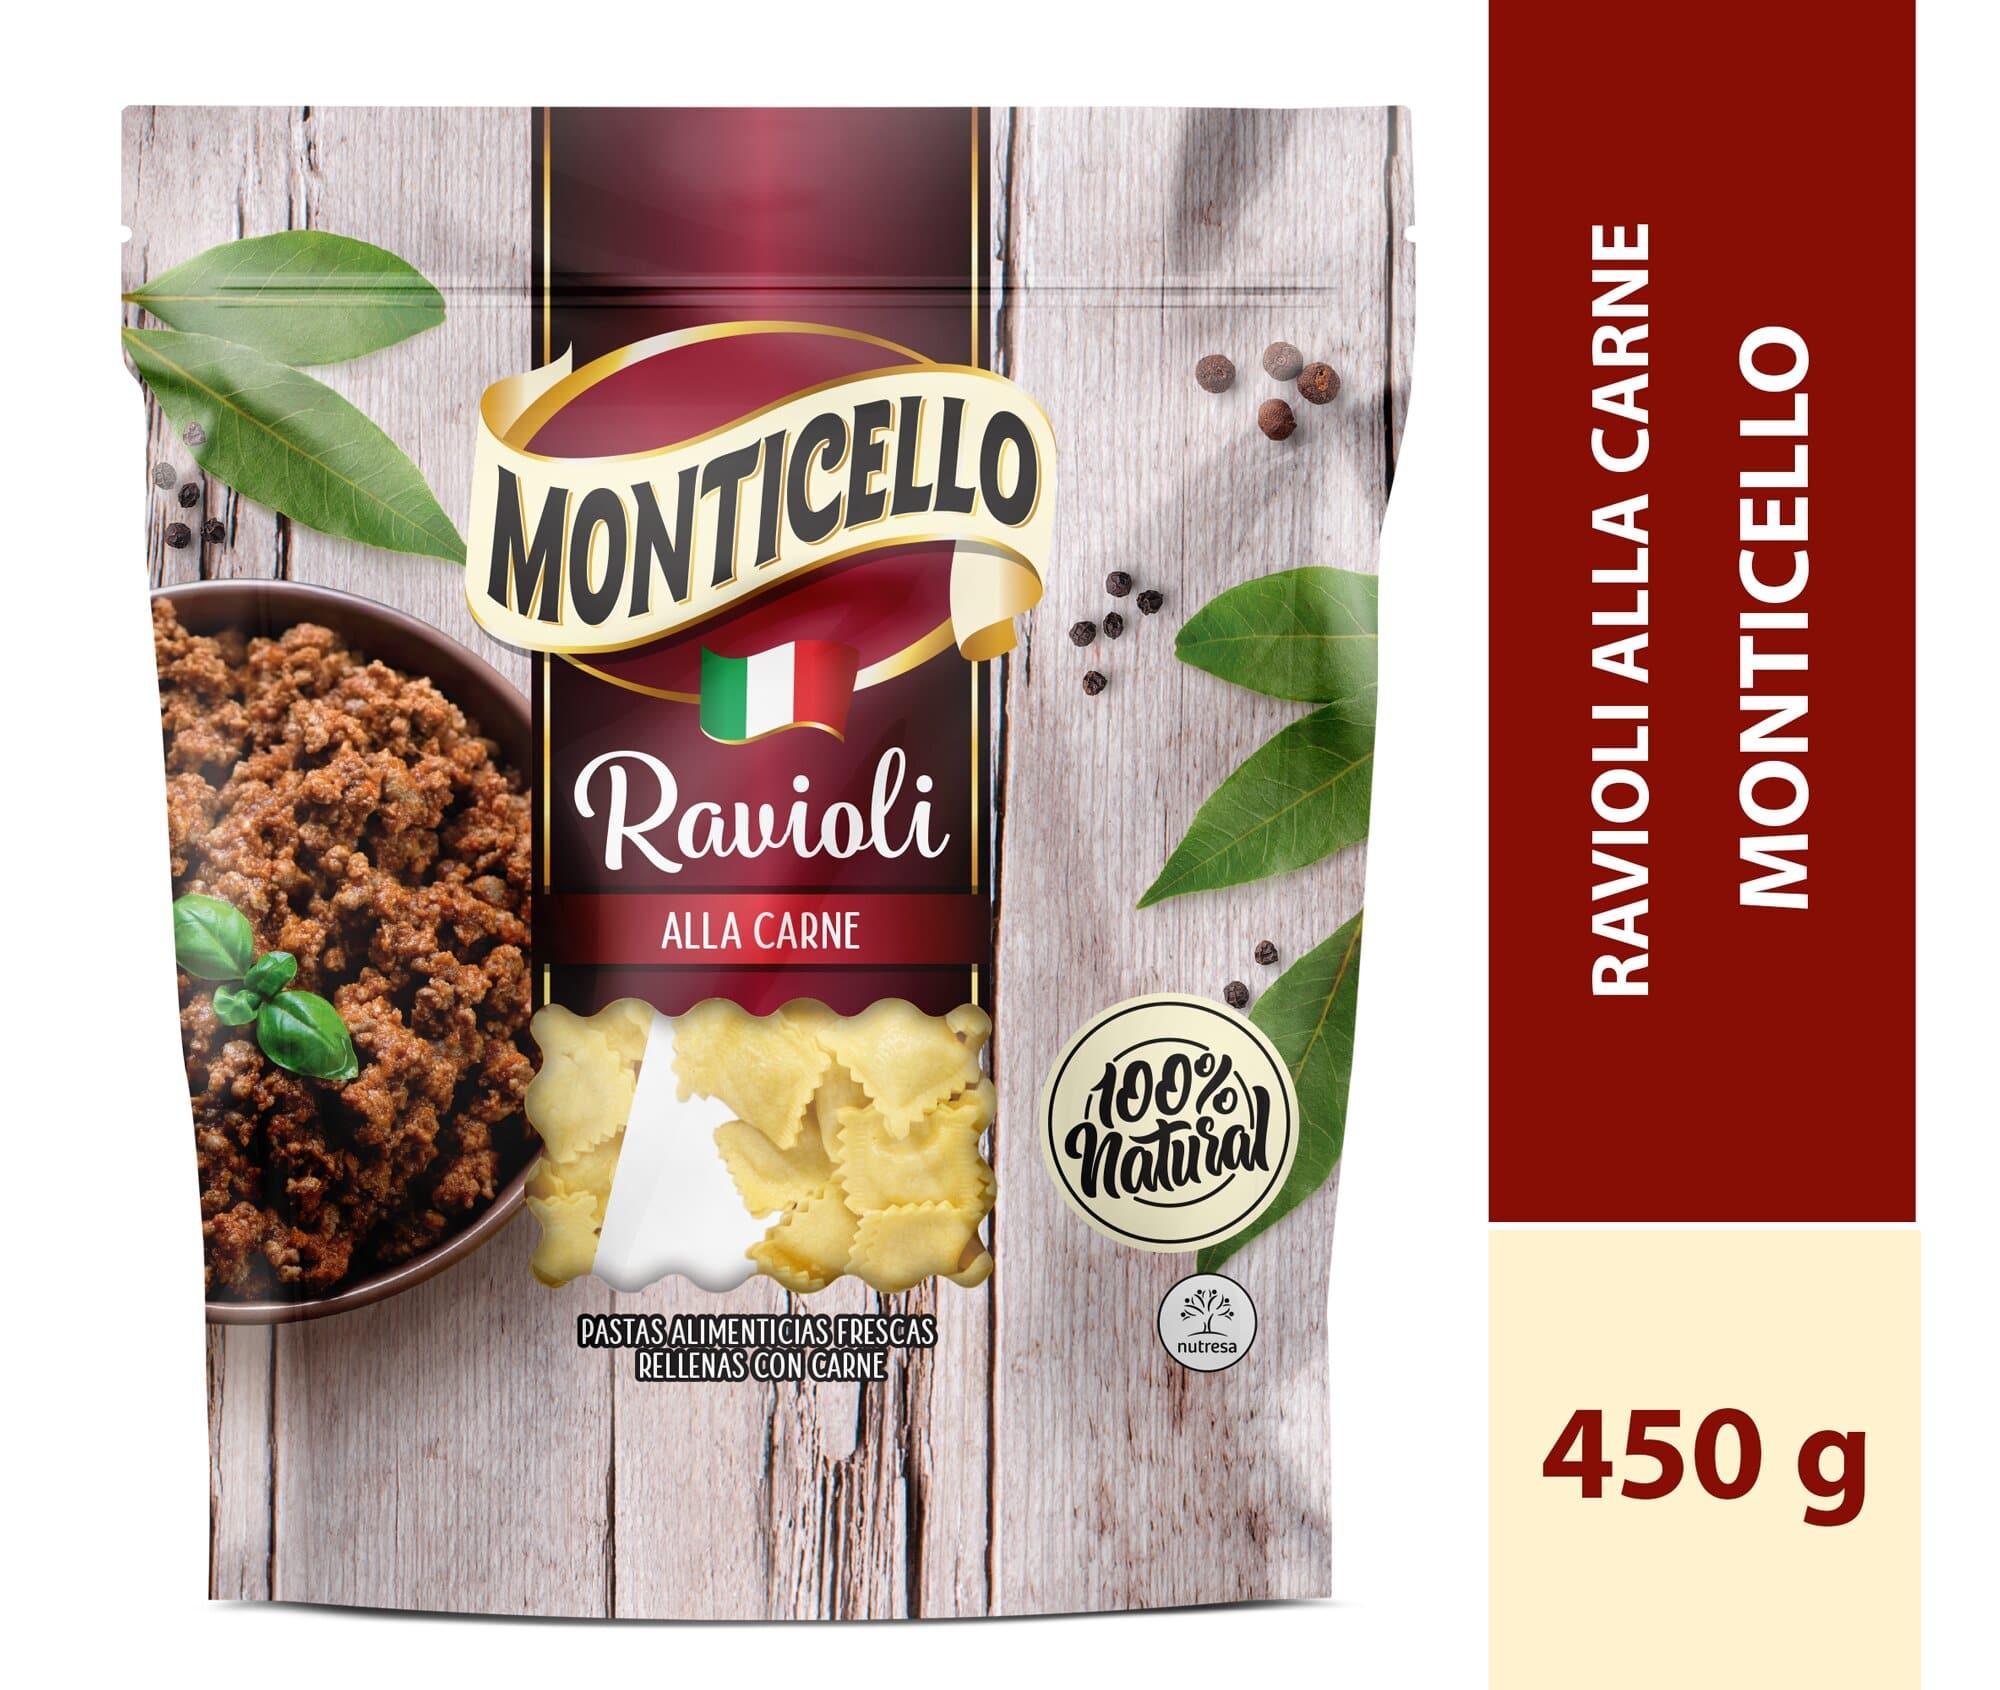 Ravioli Monticello Alla Carne 450g